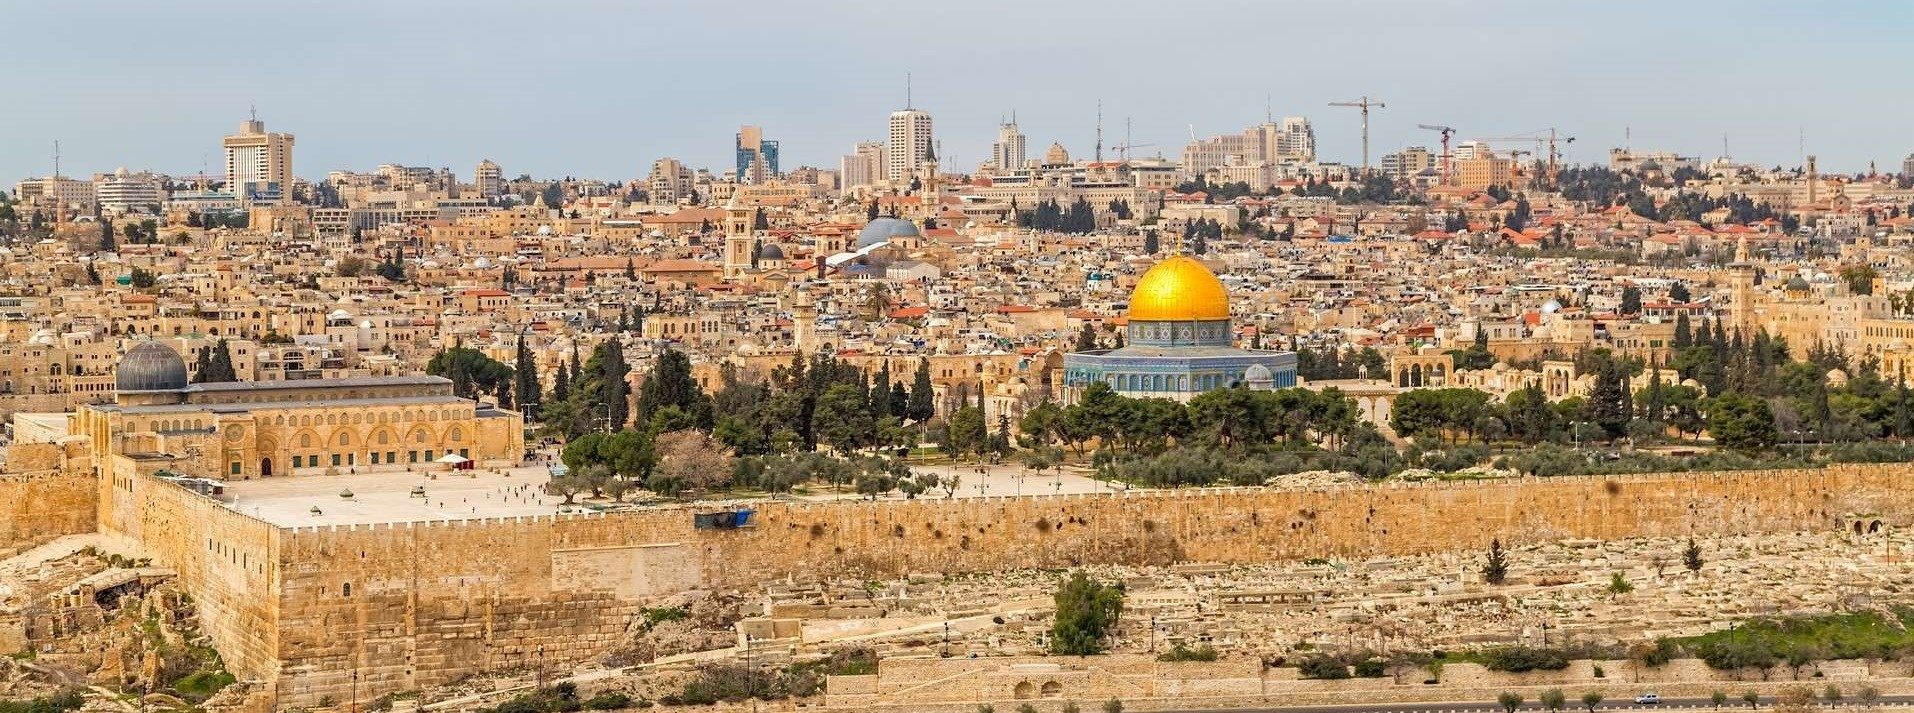 5 lucruri pe care trebuie să le știi înainte de a vizita Israelul